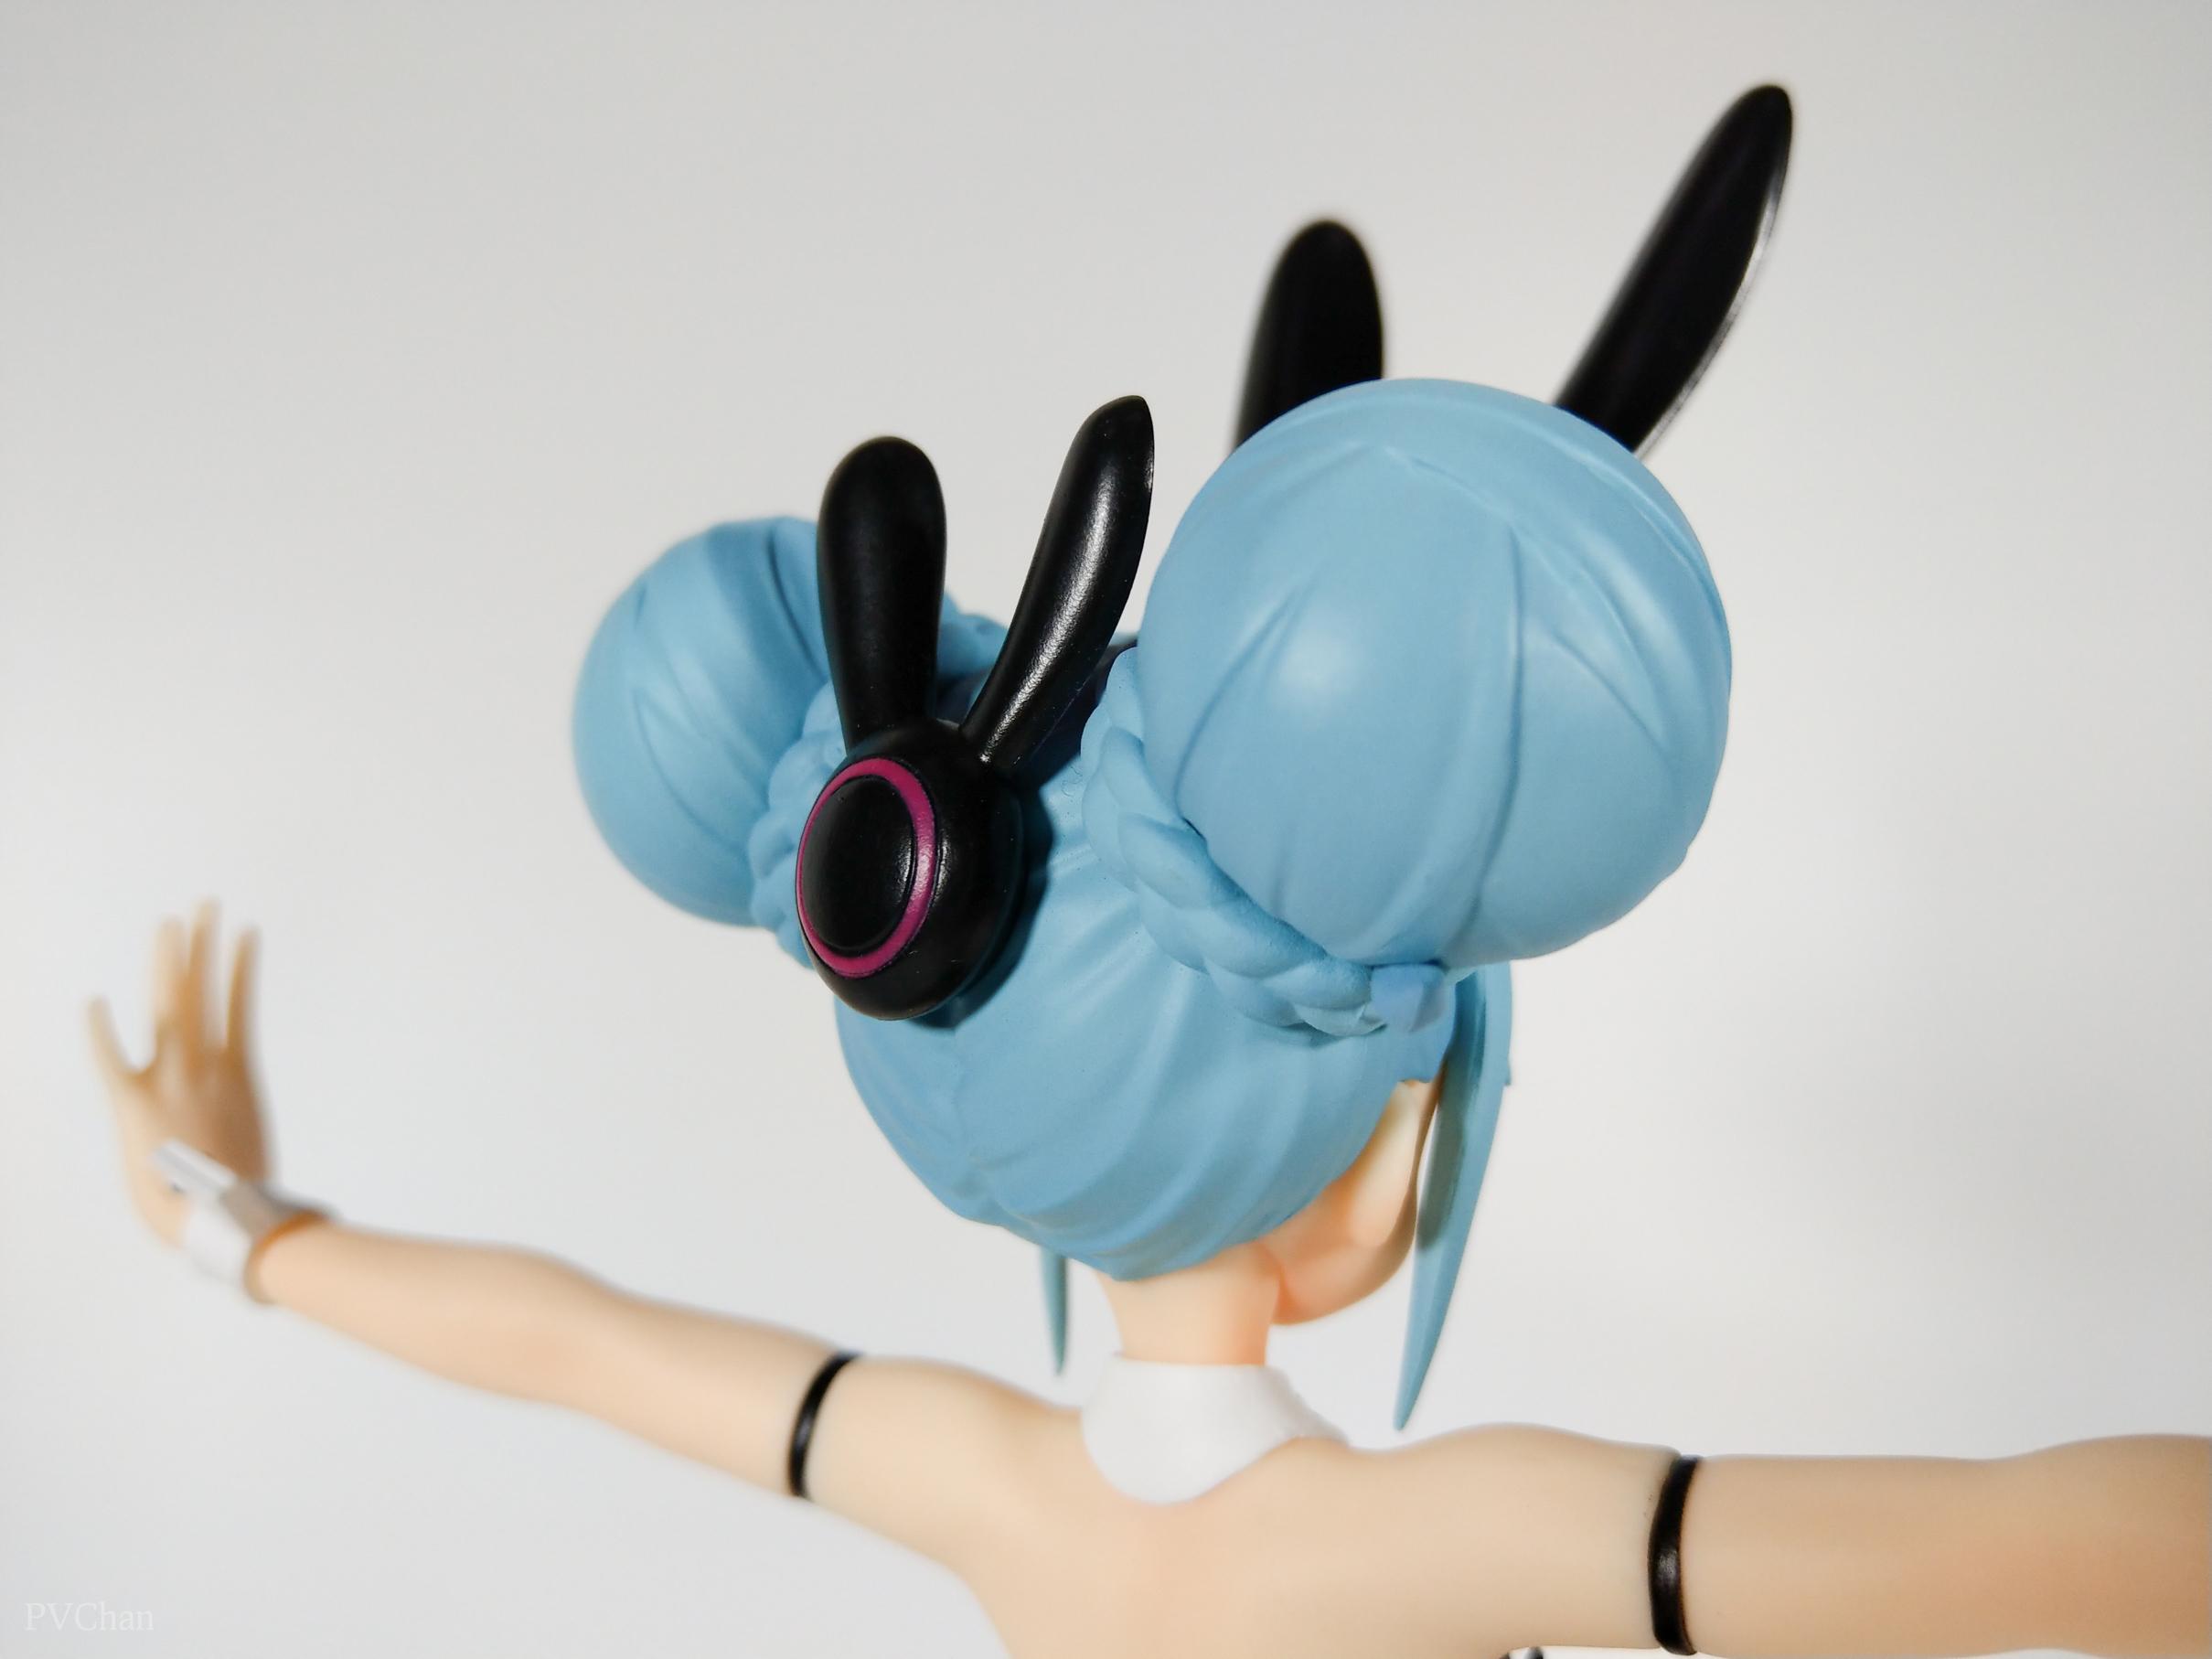 Bicute Bunnies Мику и Сонико - новый формат призовых фигурок. - Изображение 17